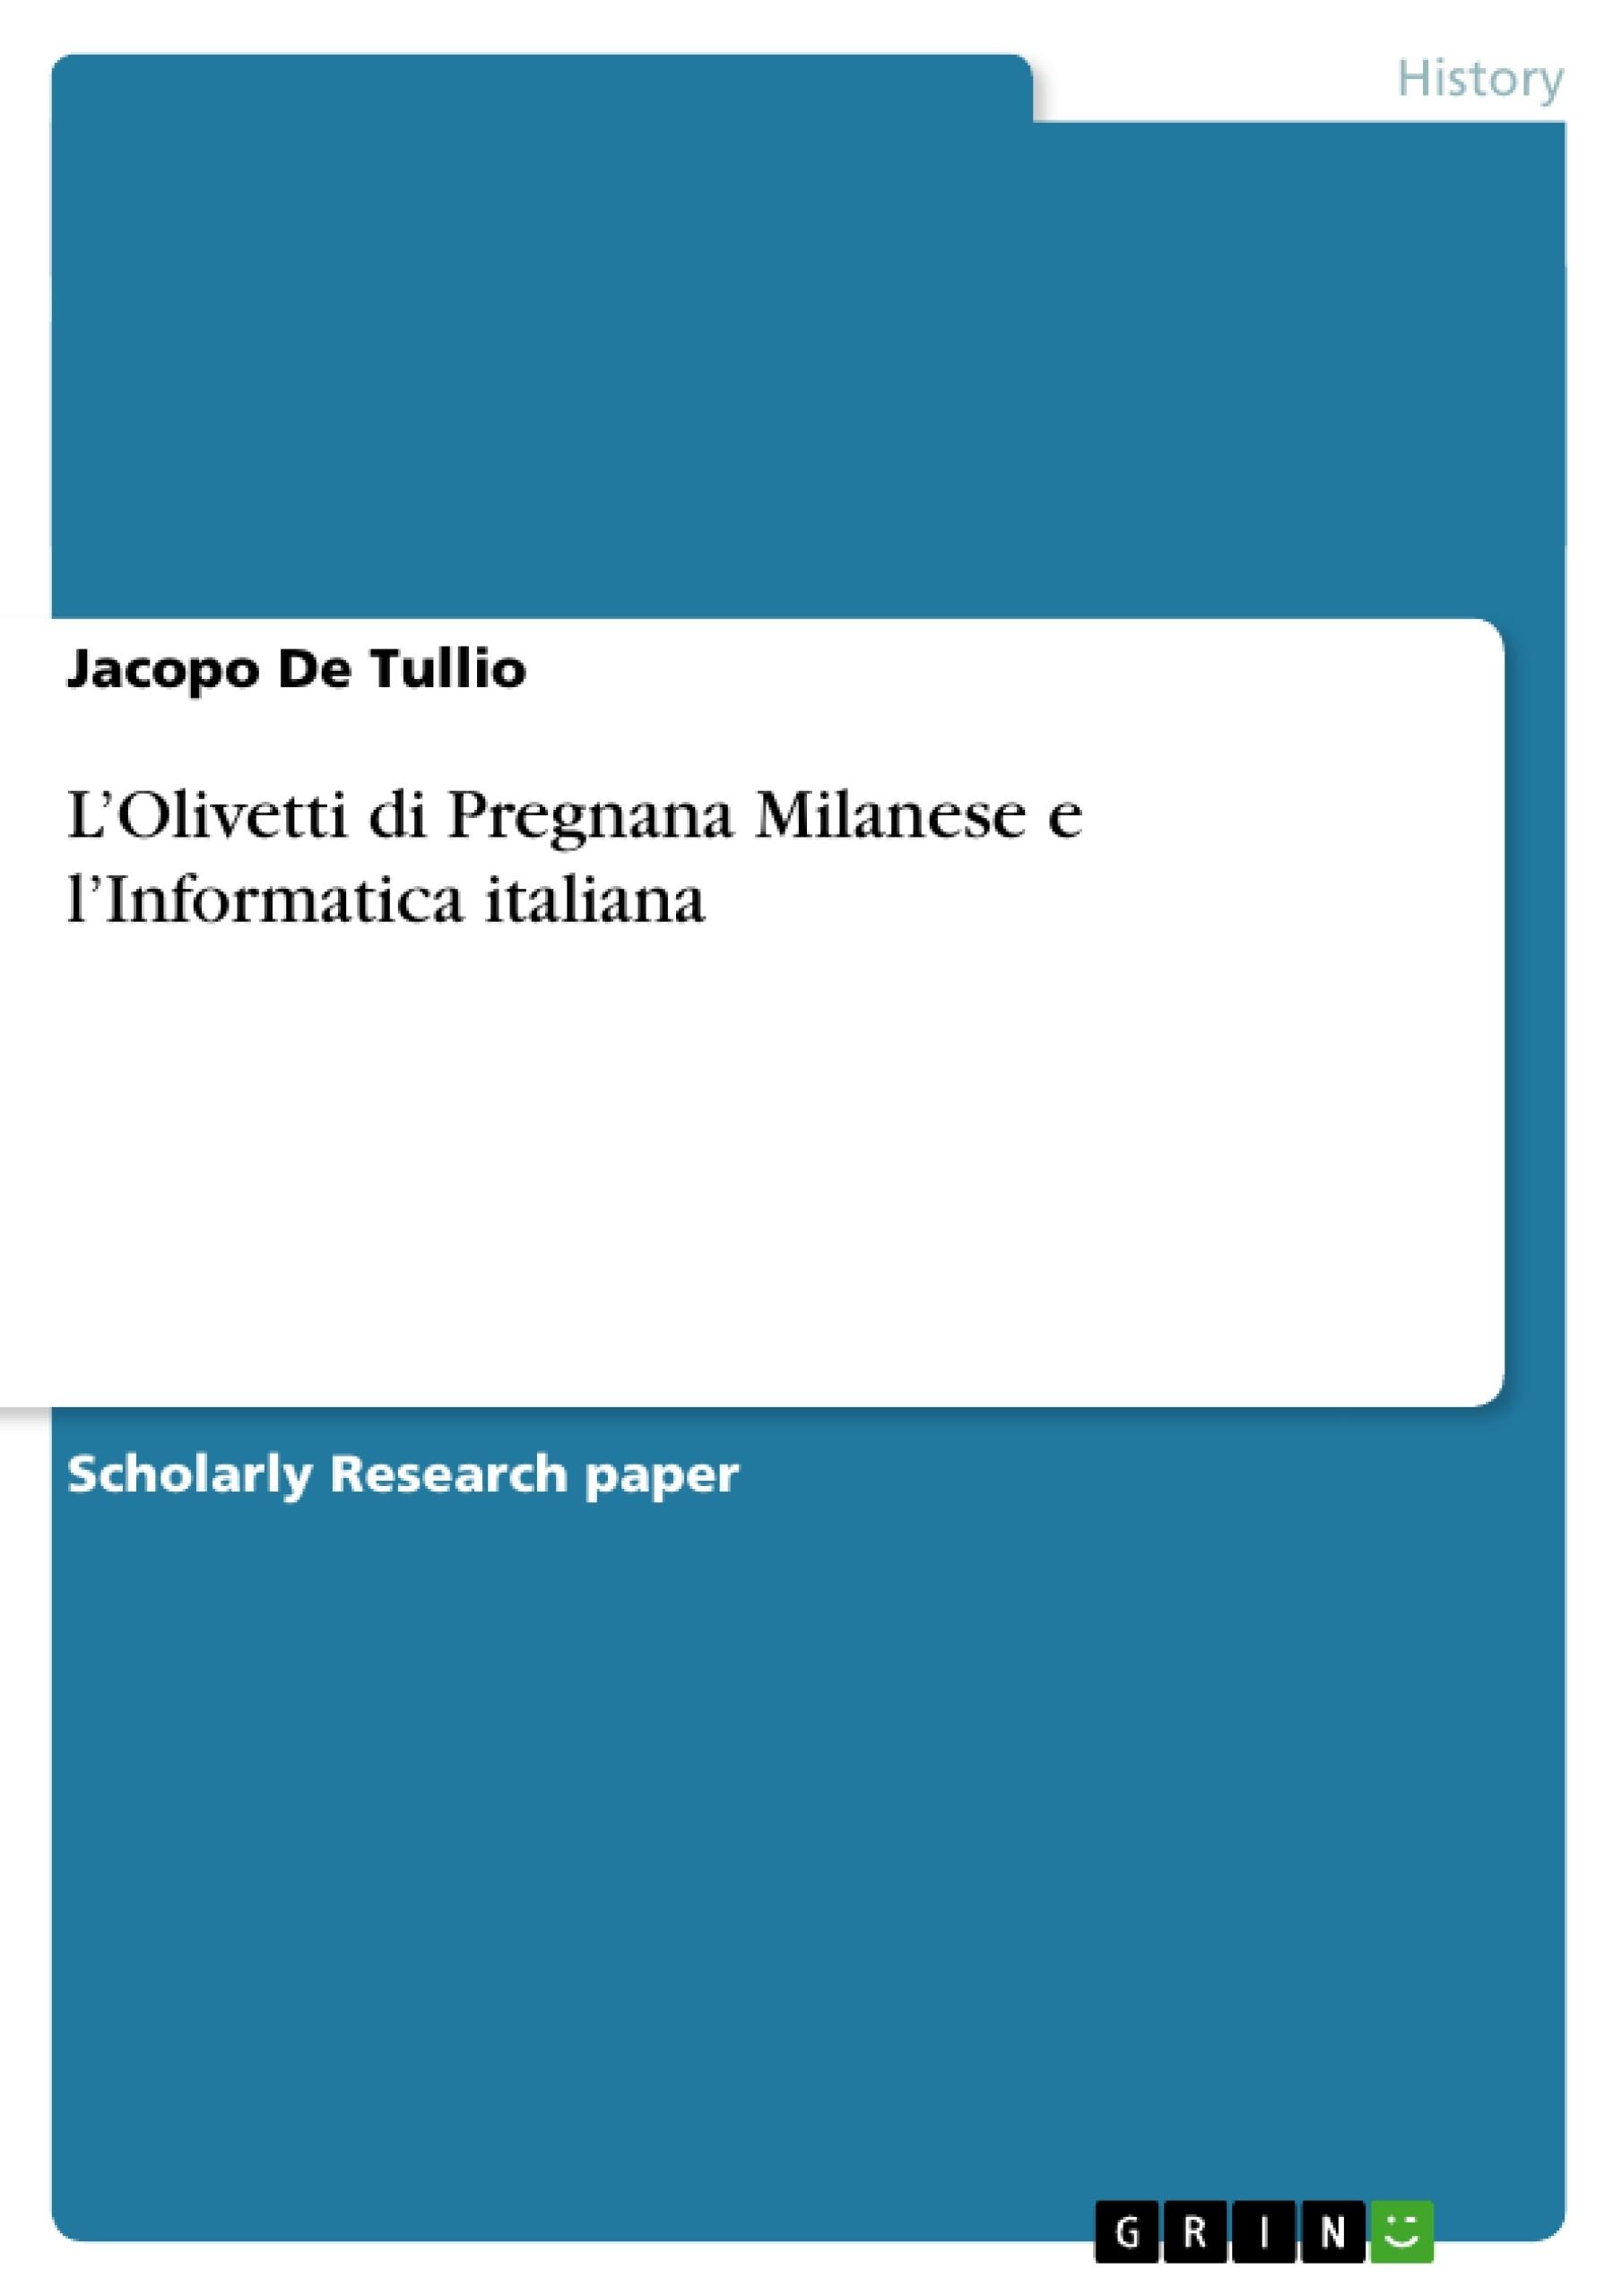 Title: L'Olivetti di Pregnana Milanese e l'Informatica italiana